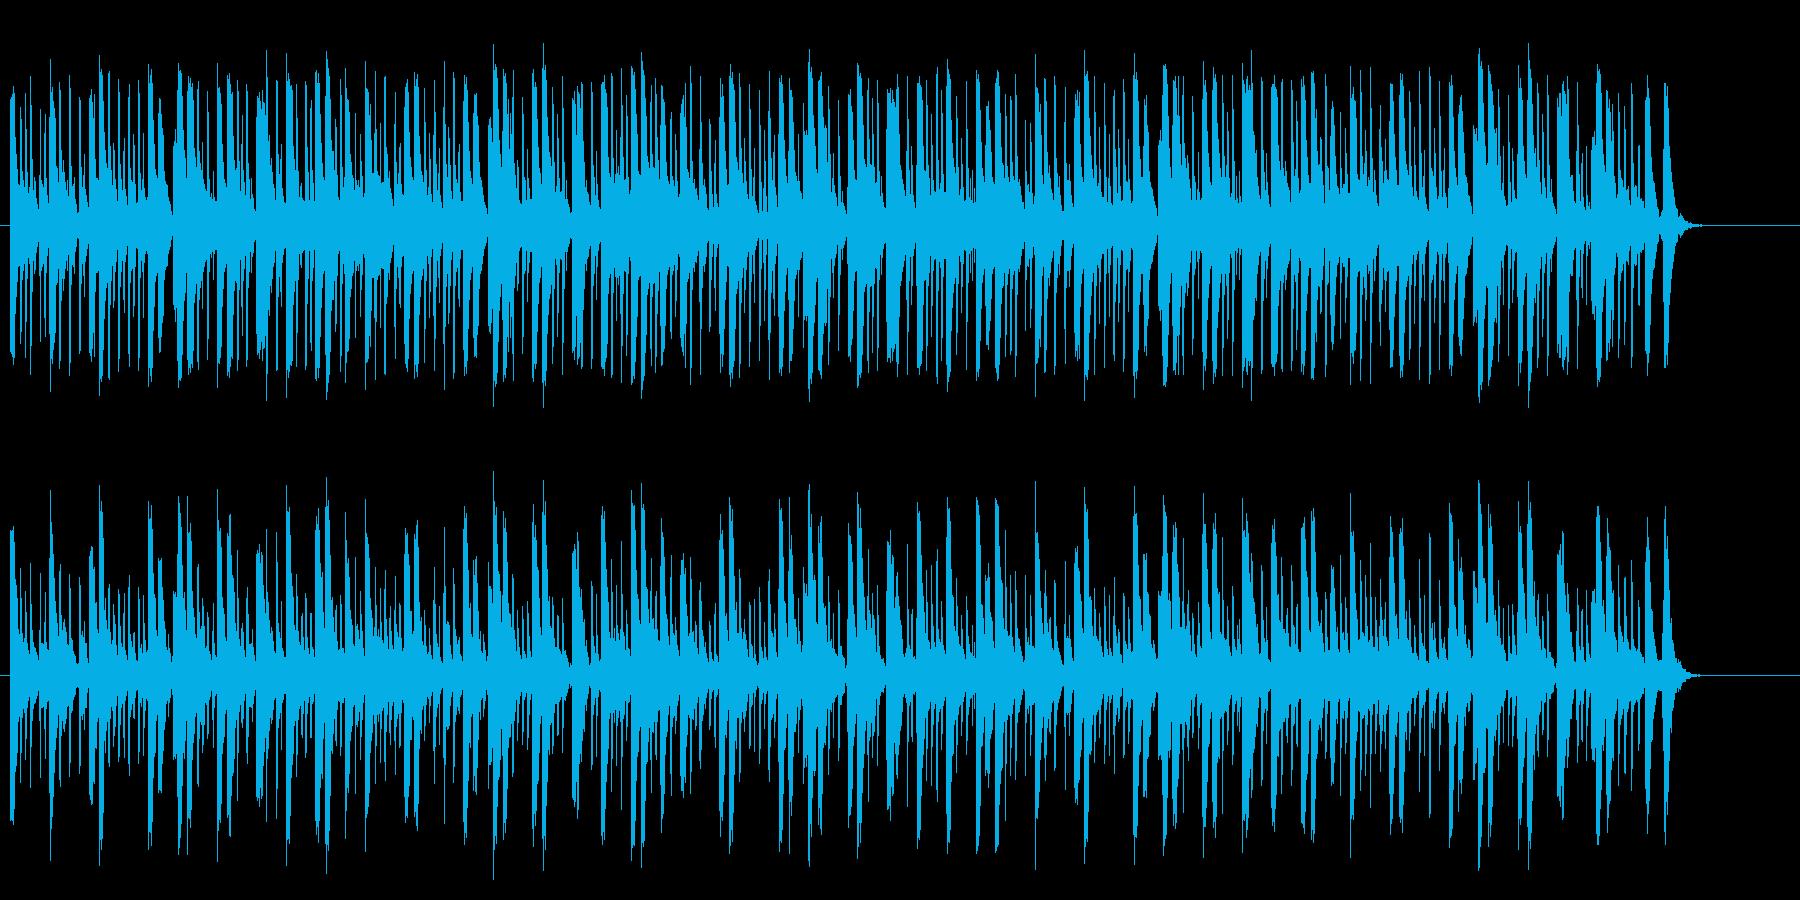 三味線のリズムのゆったりとした和風の再生済みの波形